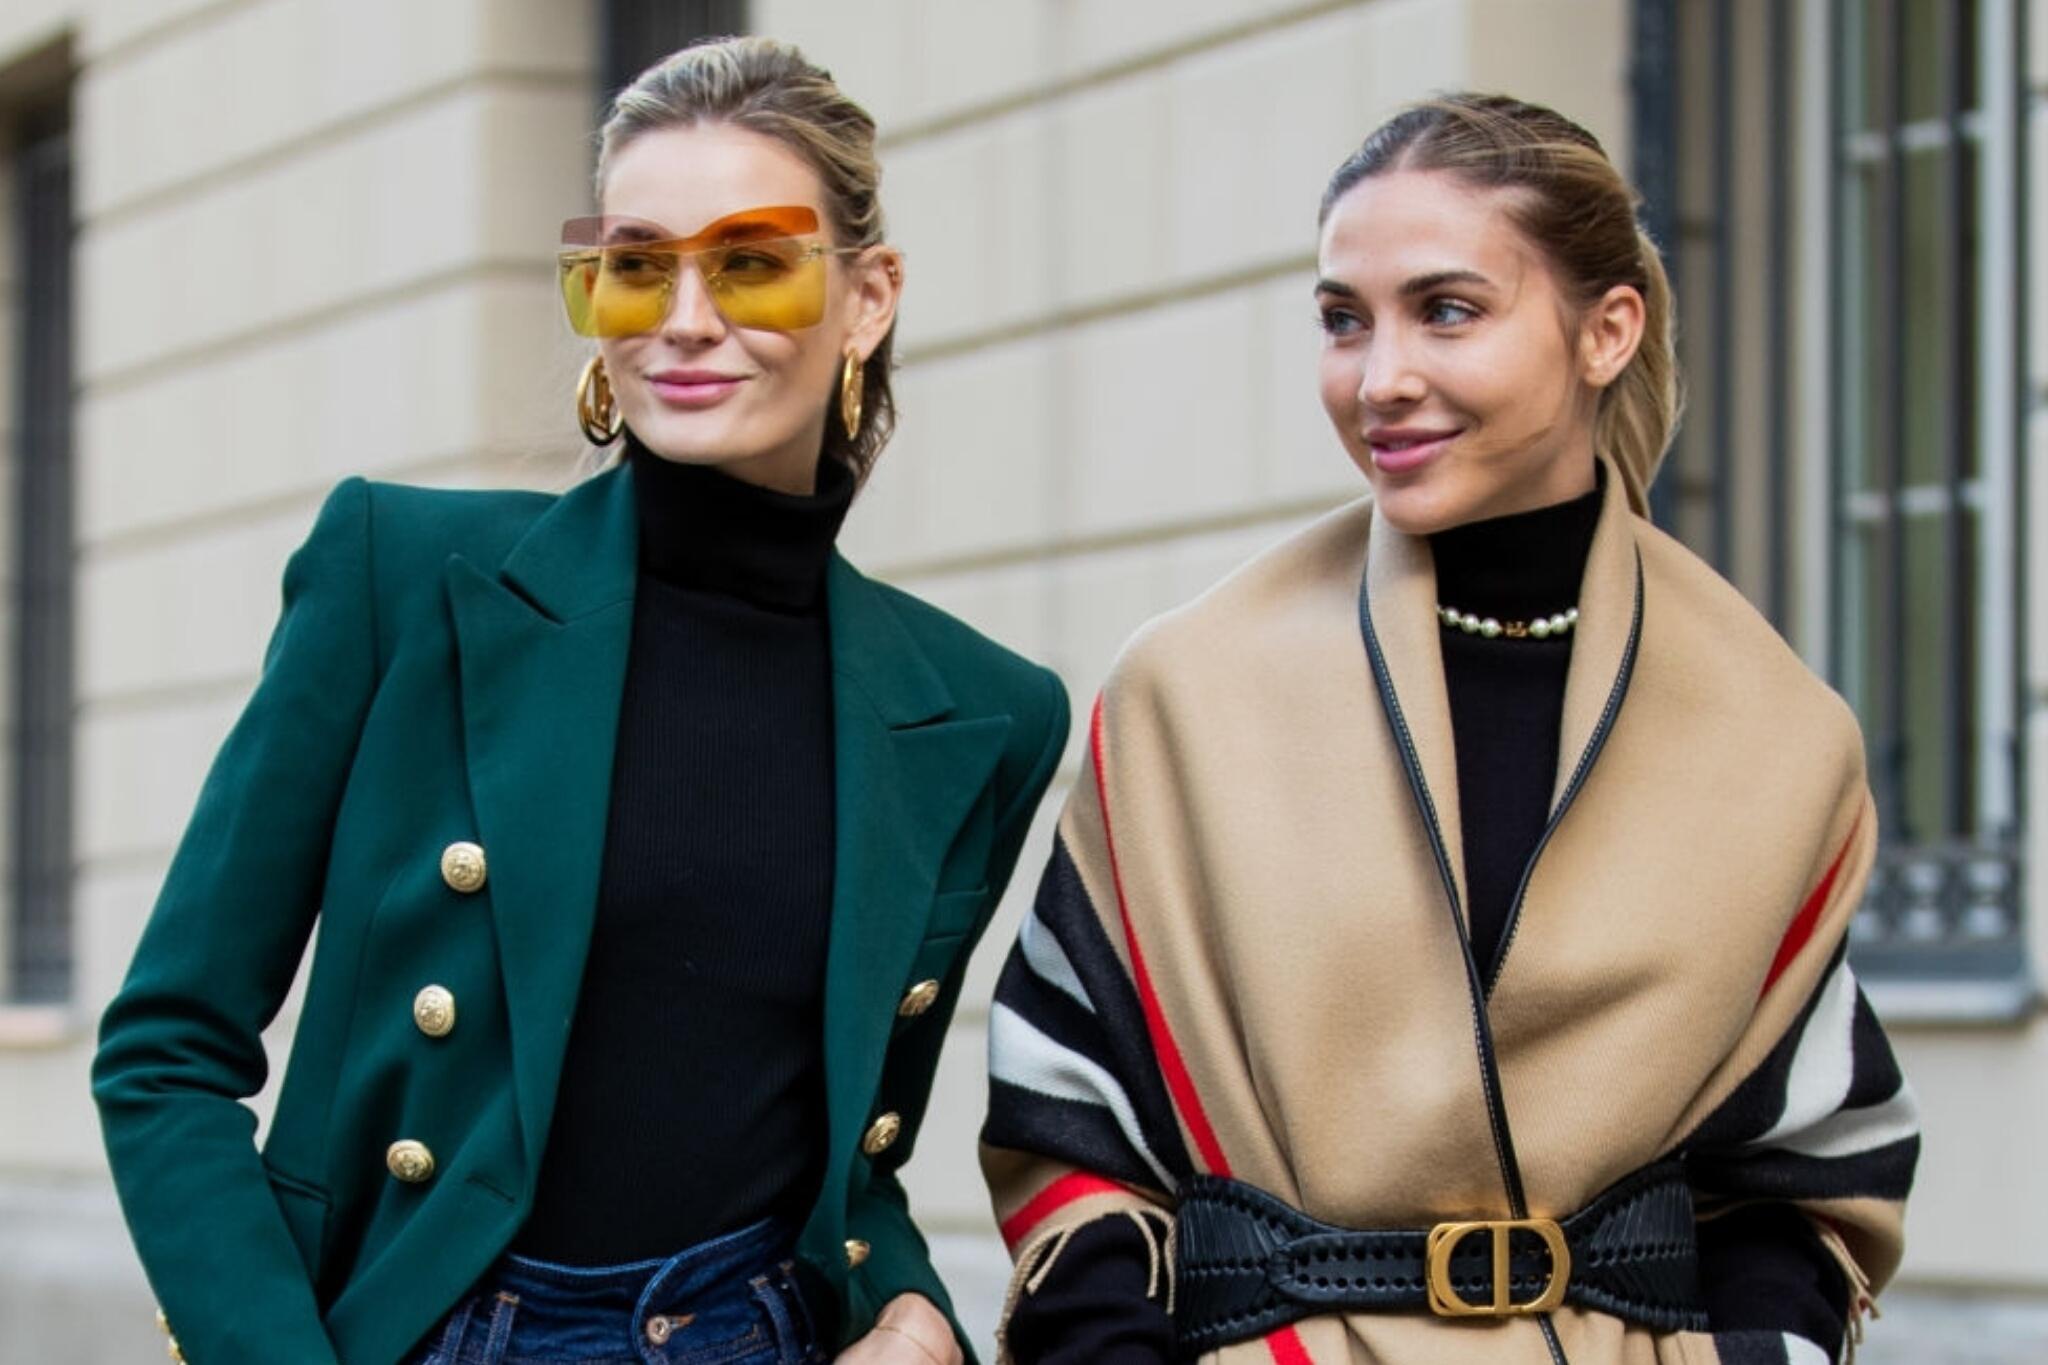 格策妻子安娜和超模Mandy现身柏林街头,姐妹俩穿搭时尚,美极了